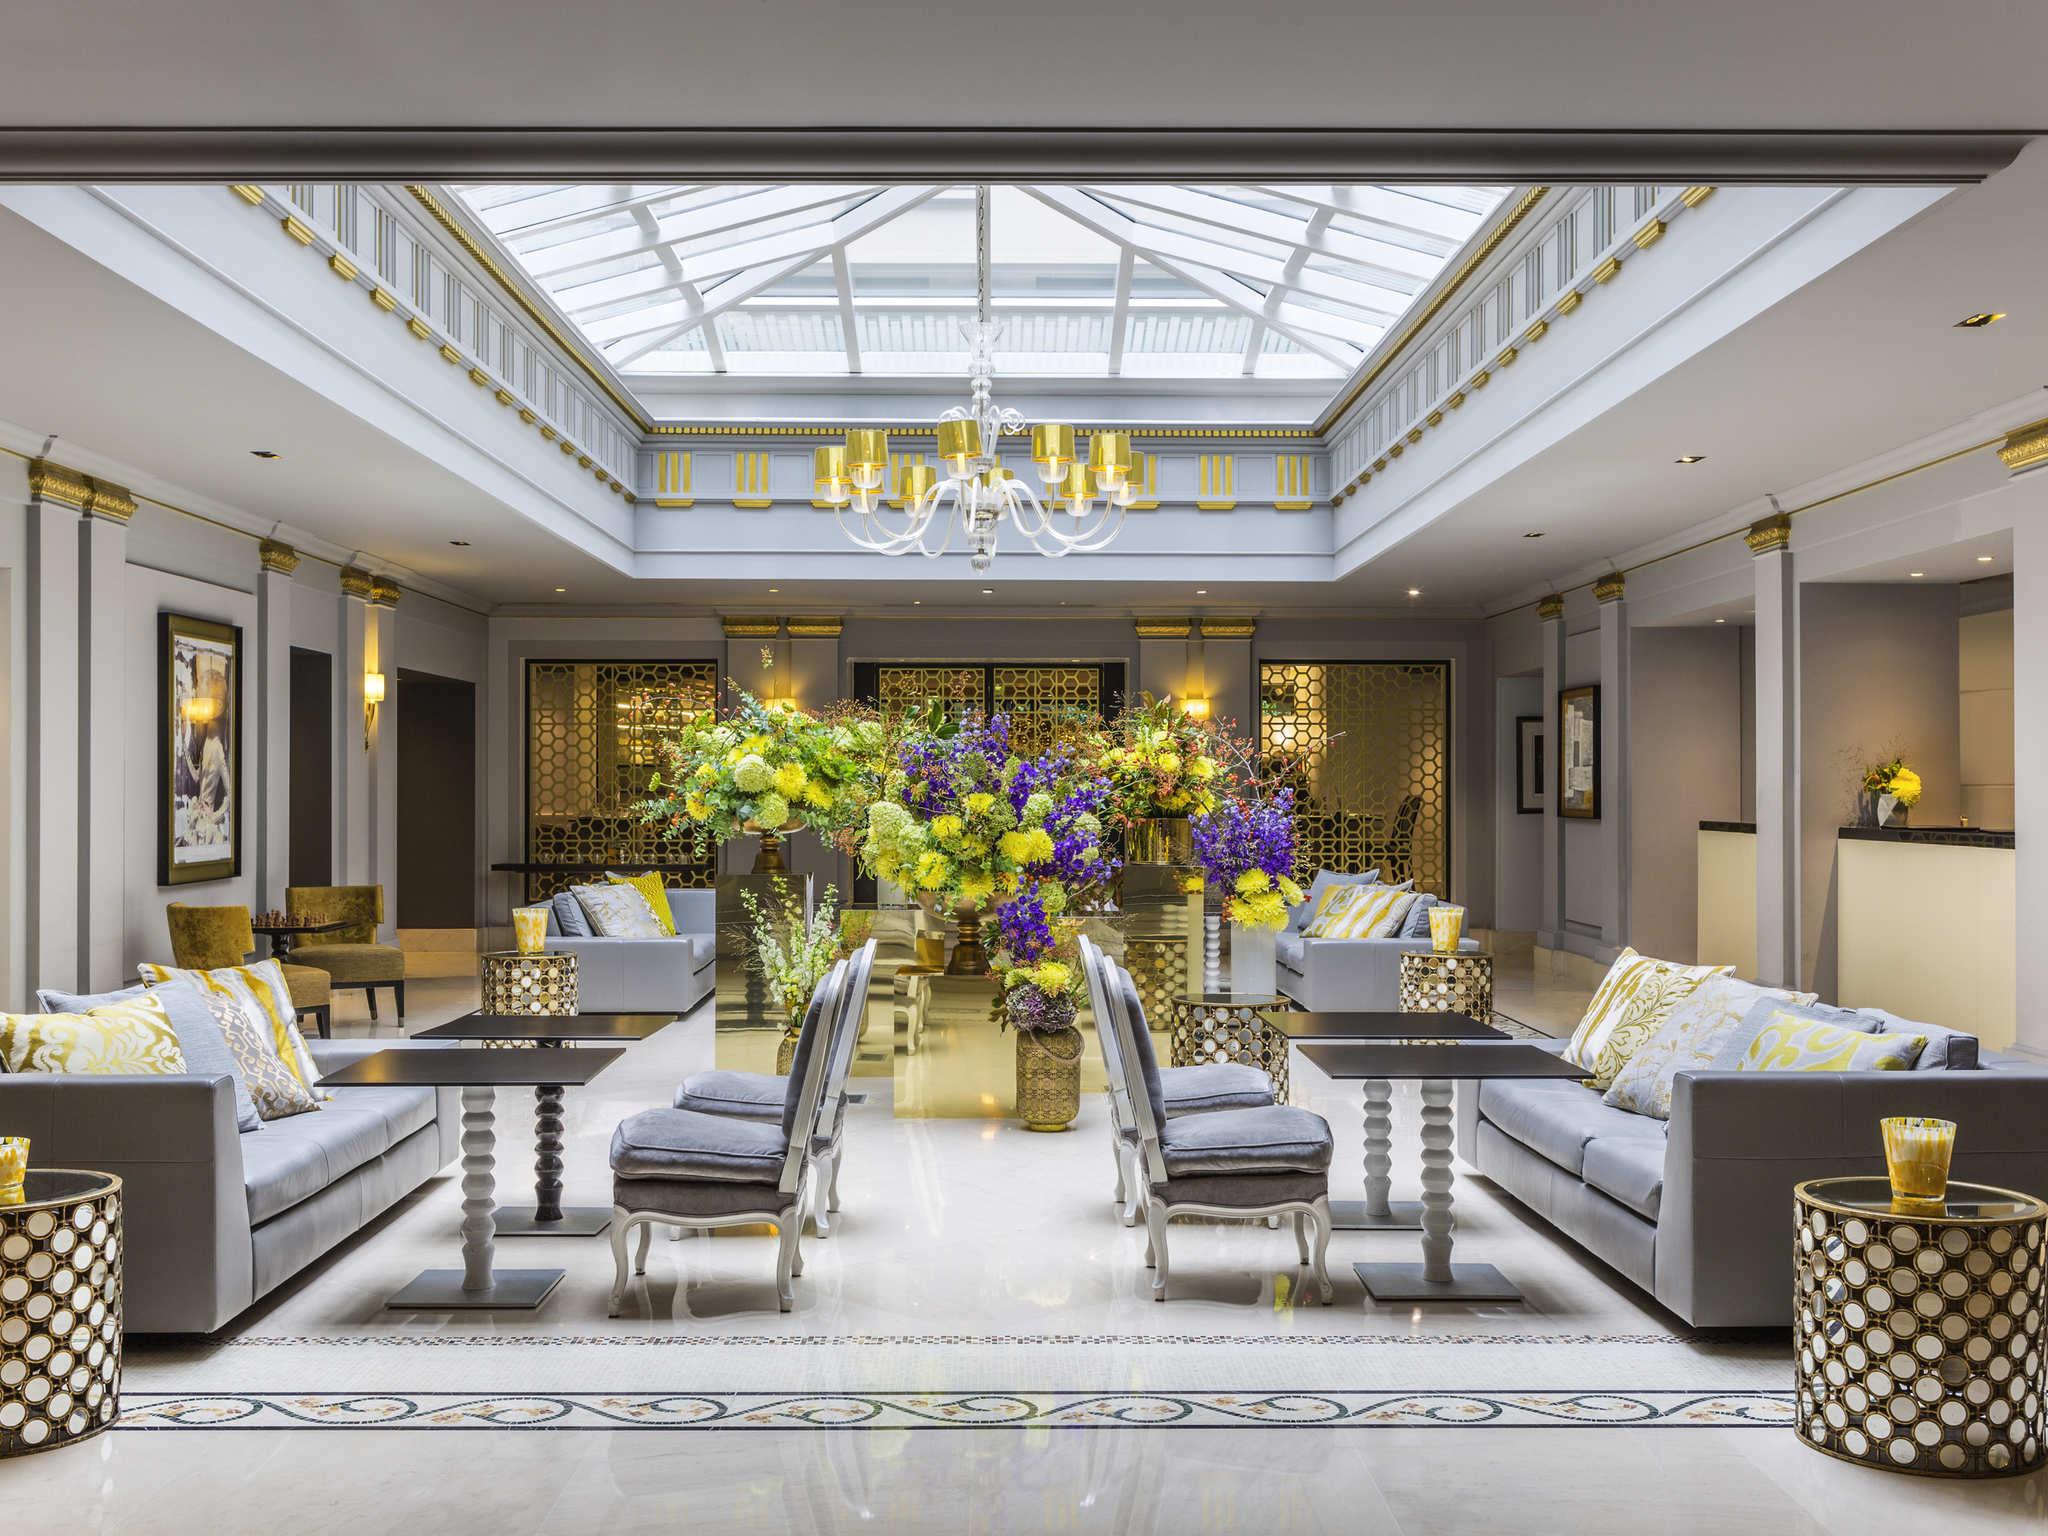 โรงแรม – โซฟิเทล ปารีส เลอ โฟบูรก์